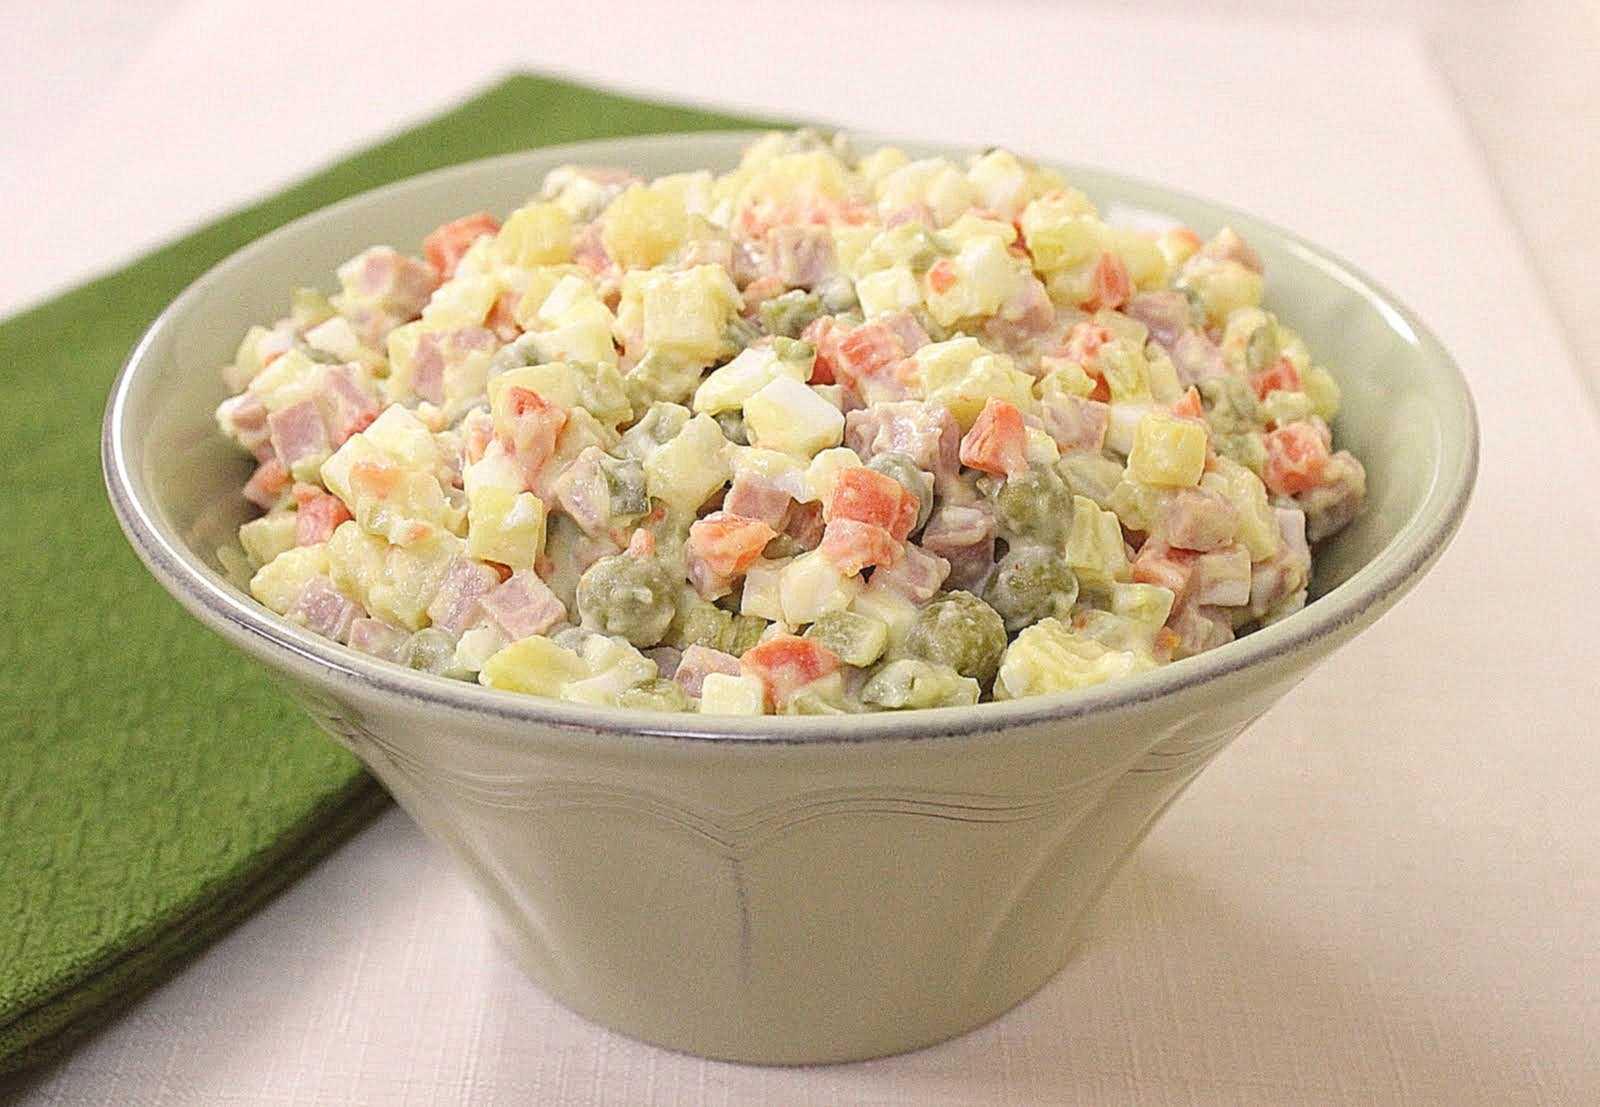 Салат зимний рецепт классический с колбасой пошаговые фото фоторецепт.ru